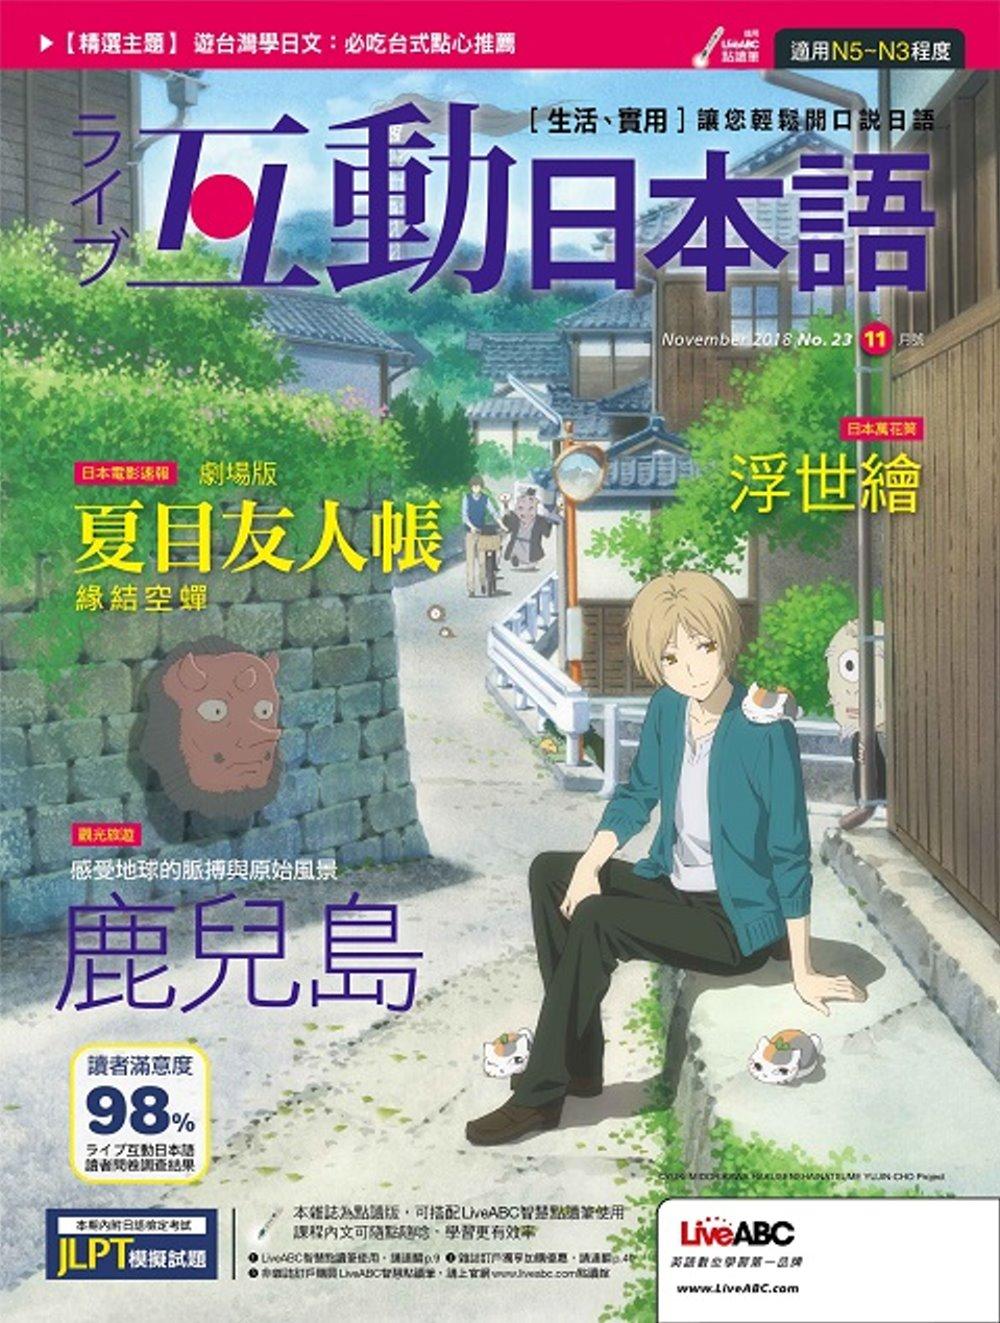 互動日本語(互動光碟版)一年12期+3期+日本街頭巷尾最常用的日語會話實用篇